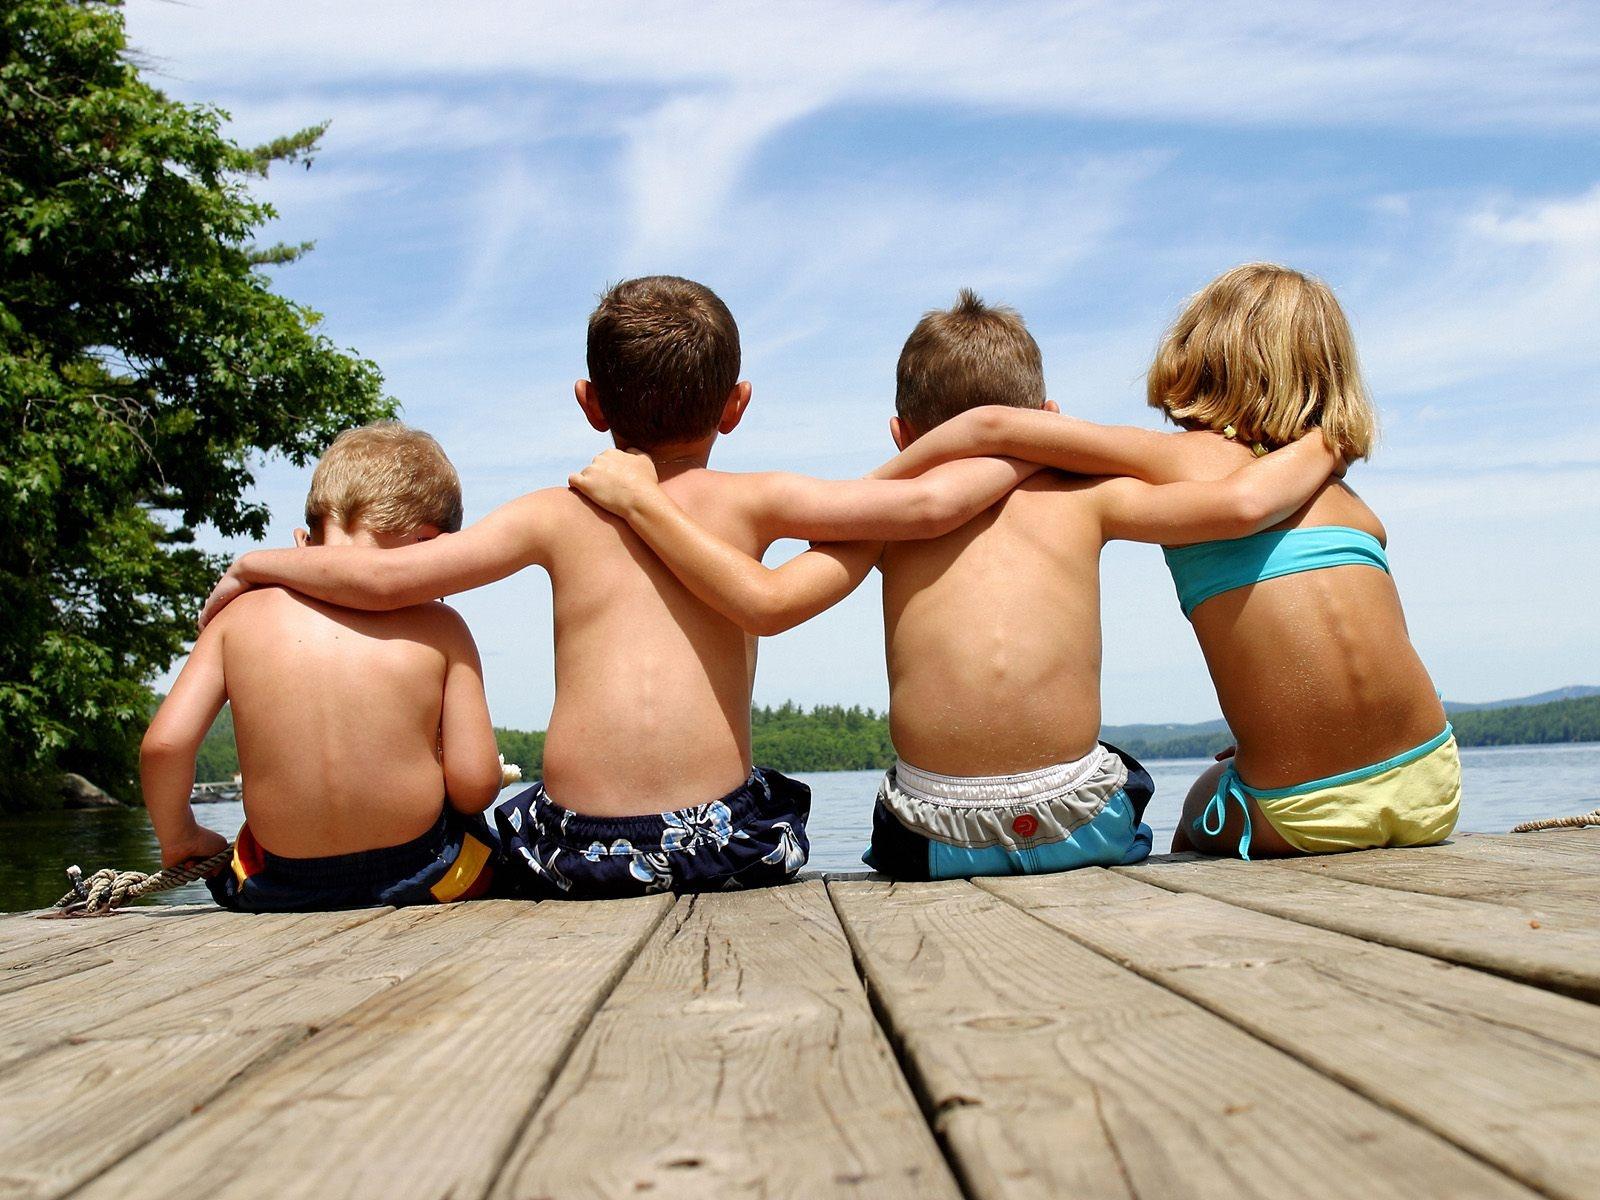 http://1.bp.blogspot.com/-KfINLAJMTeo/T_grKO4lACI/AAAAAAAAEiI/jMfSgnnwtAQ/s1600/best_friends%5B1%5D.jpg